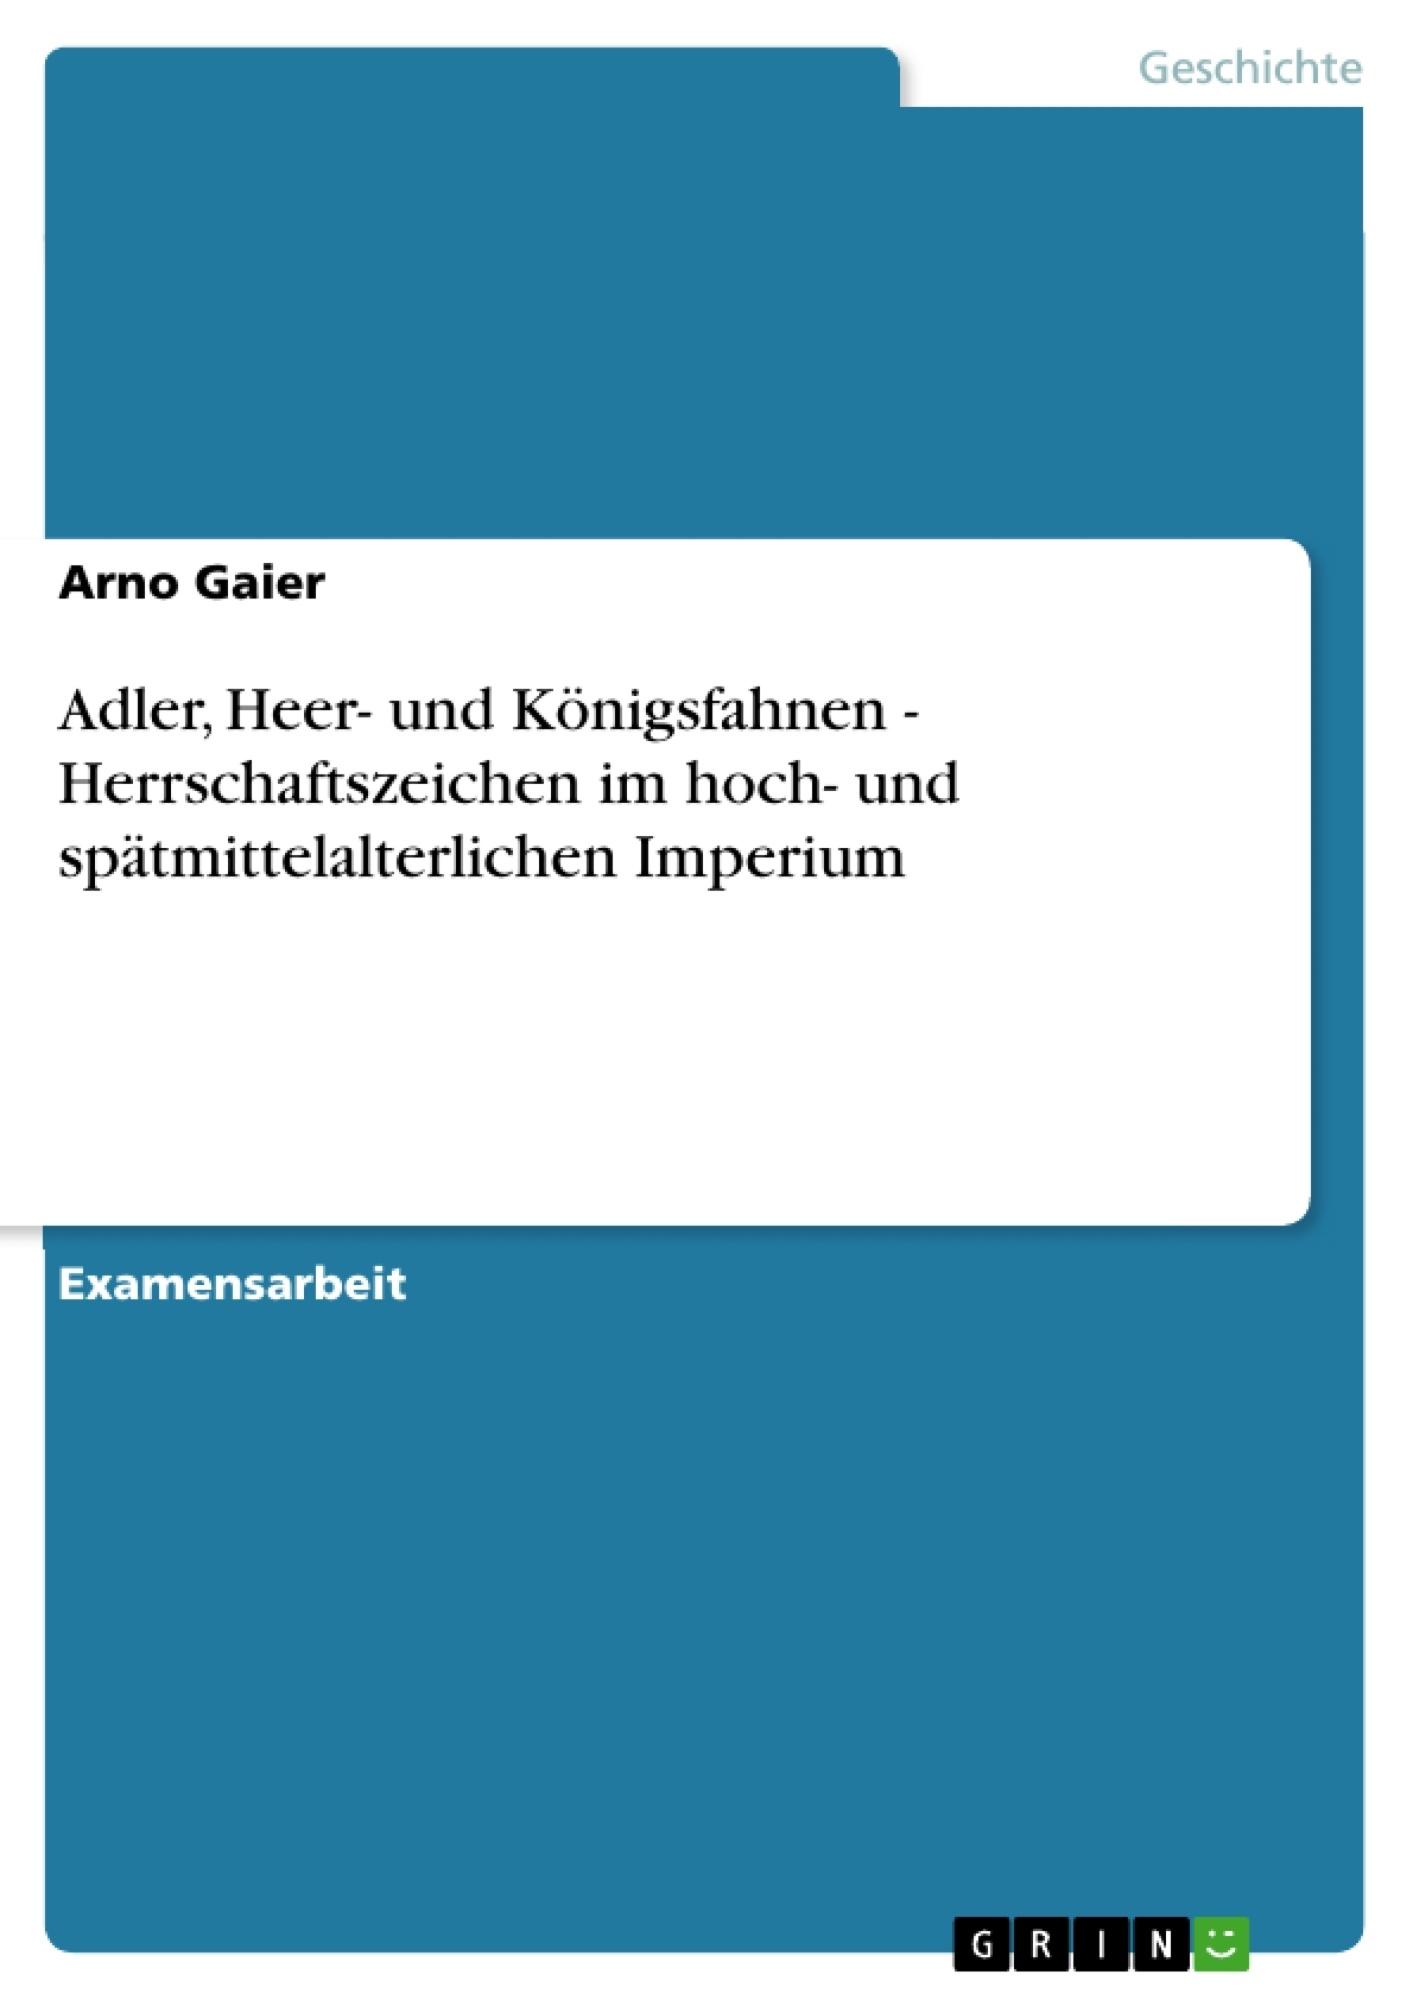 Titel: Adler, Heer- und Königsfahnen - Herrschaftszeichen im hoch- und spätmittelalterlichen Imperium